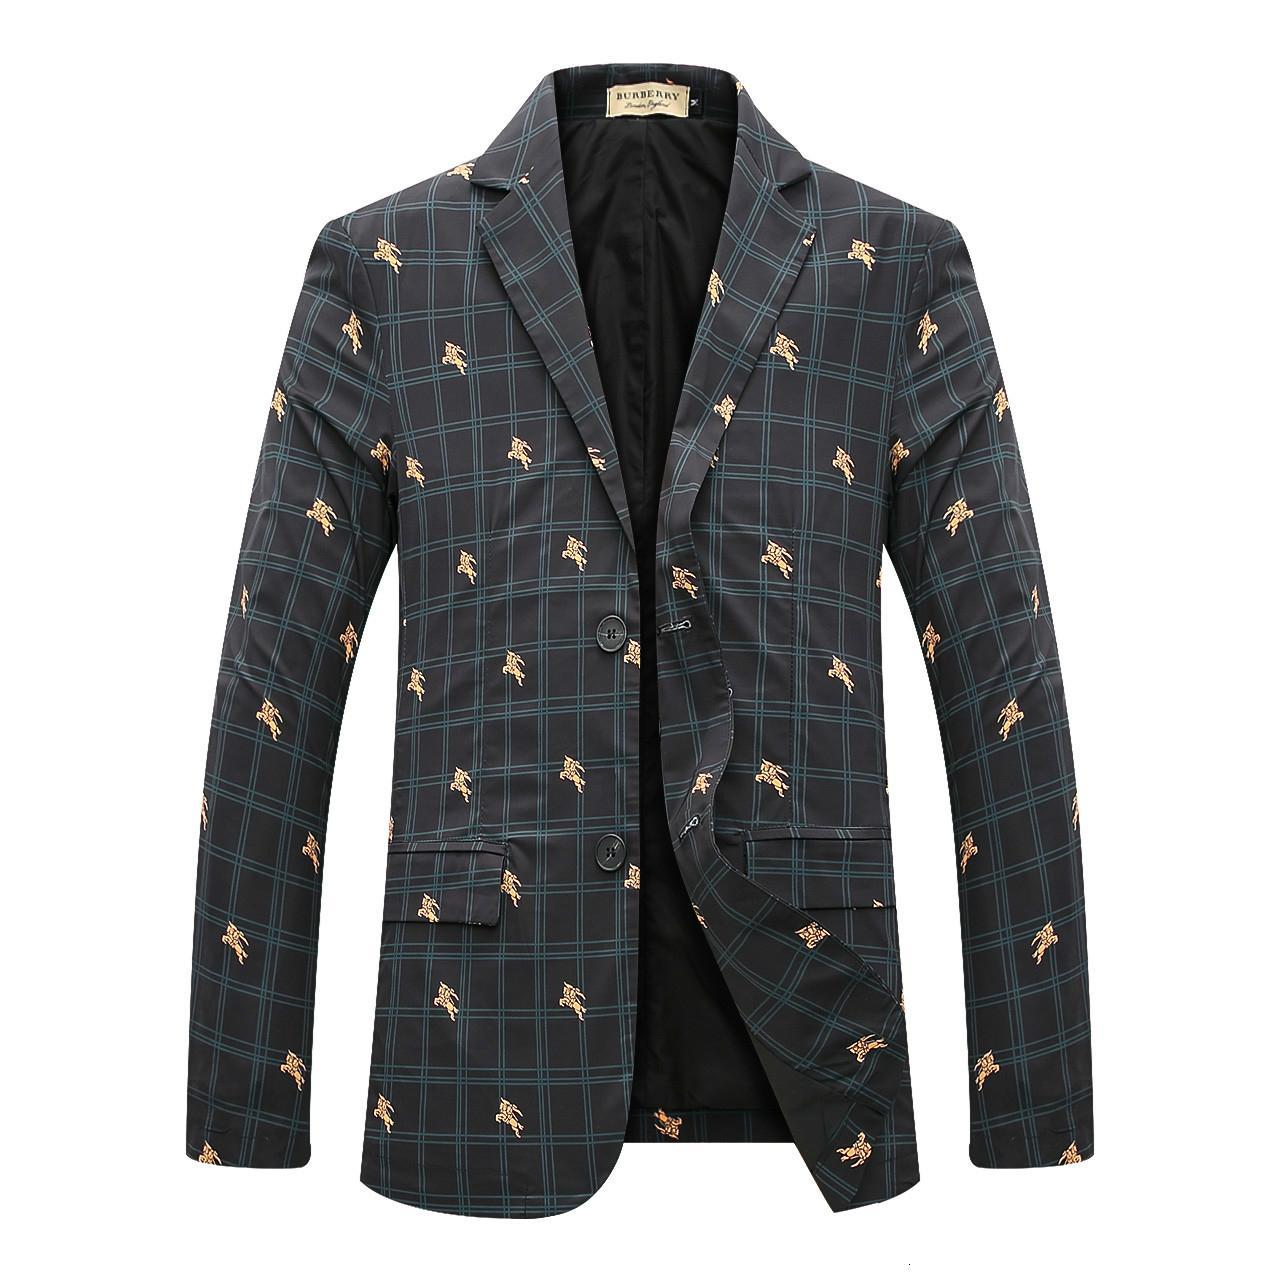 chaqueta para hombre nuevo tamaño chaqueta informal caliente de la moda M-3XL WSJ002 # 110742 wzk525